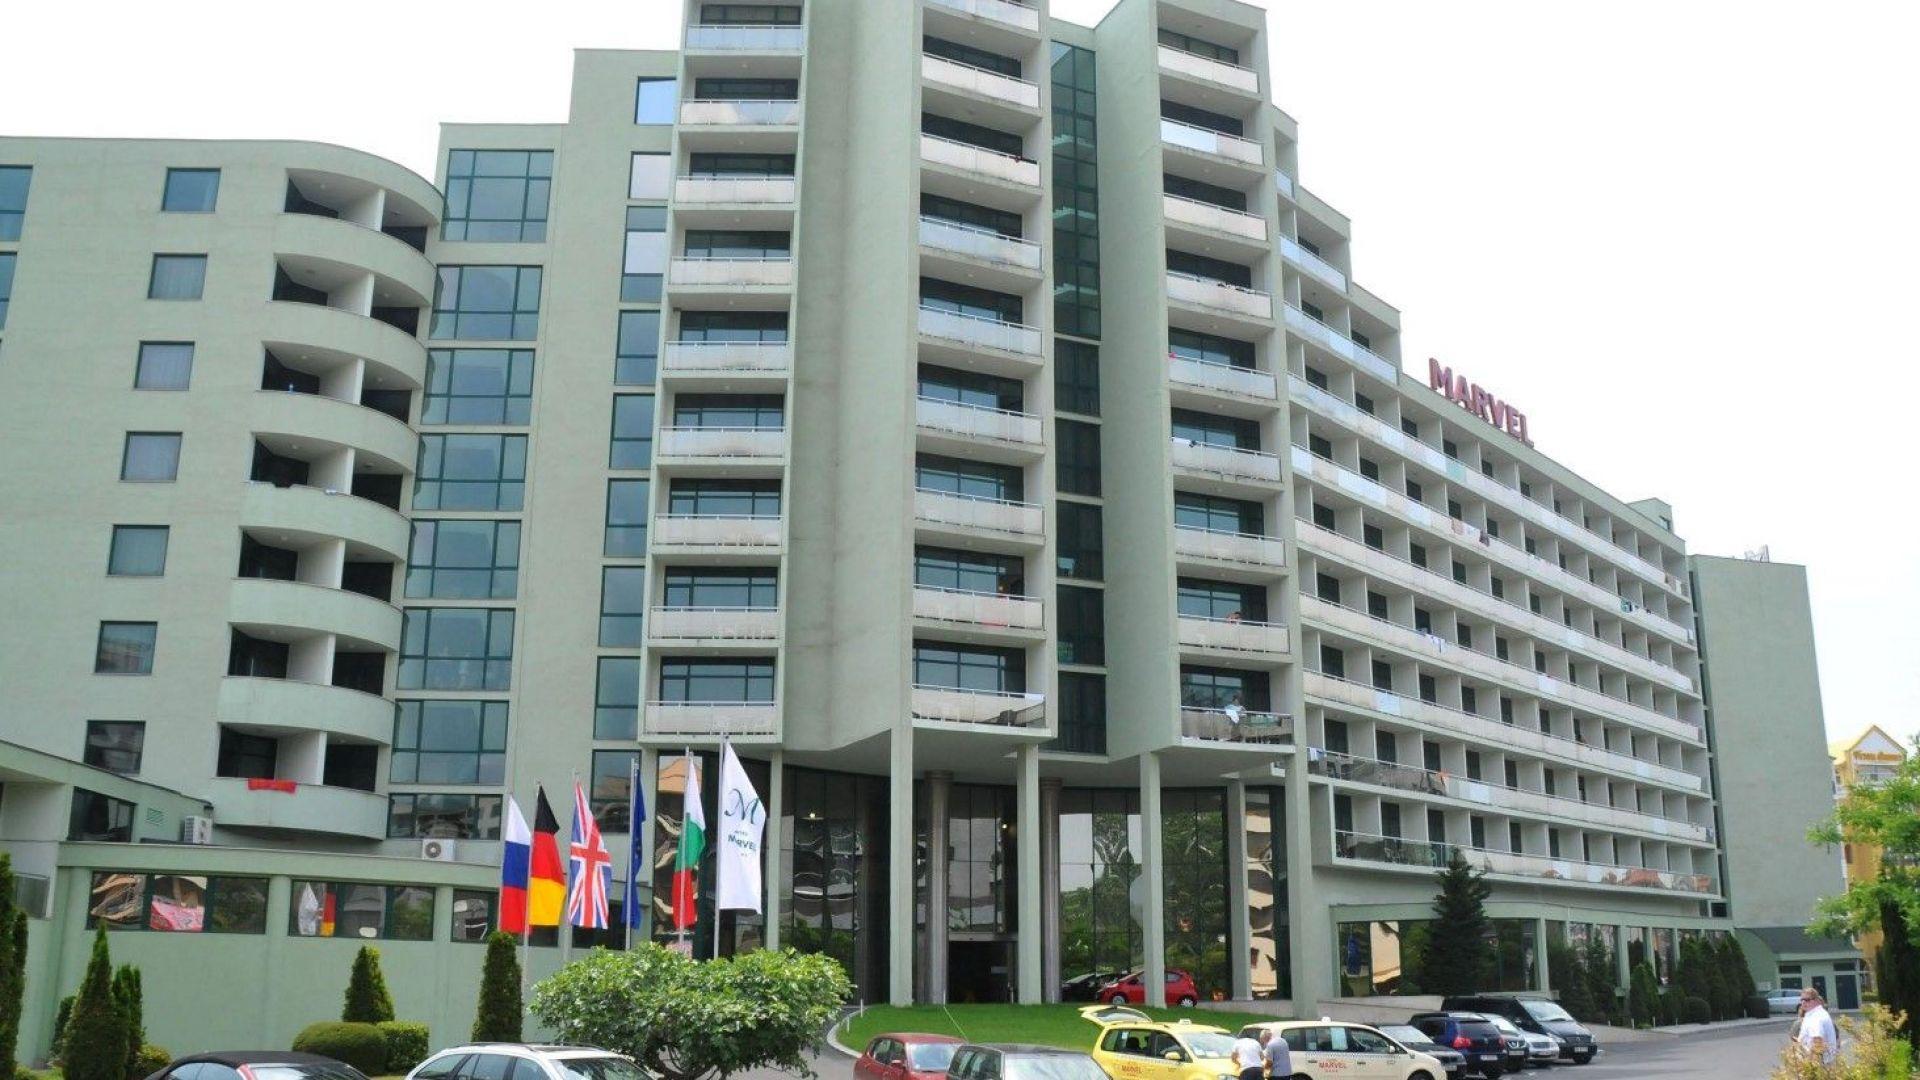 Българската икономика: 67% услуги, 28% индустрия и 5% земеделие